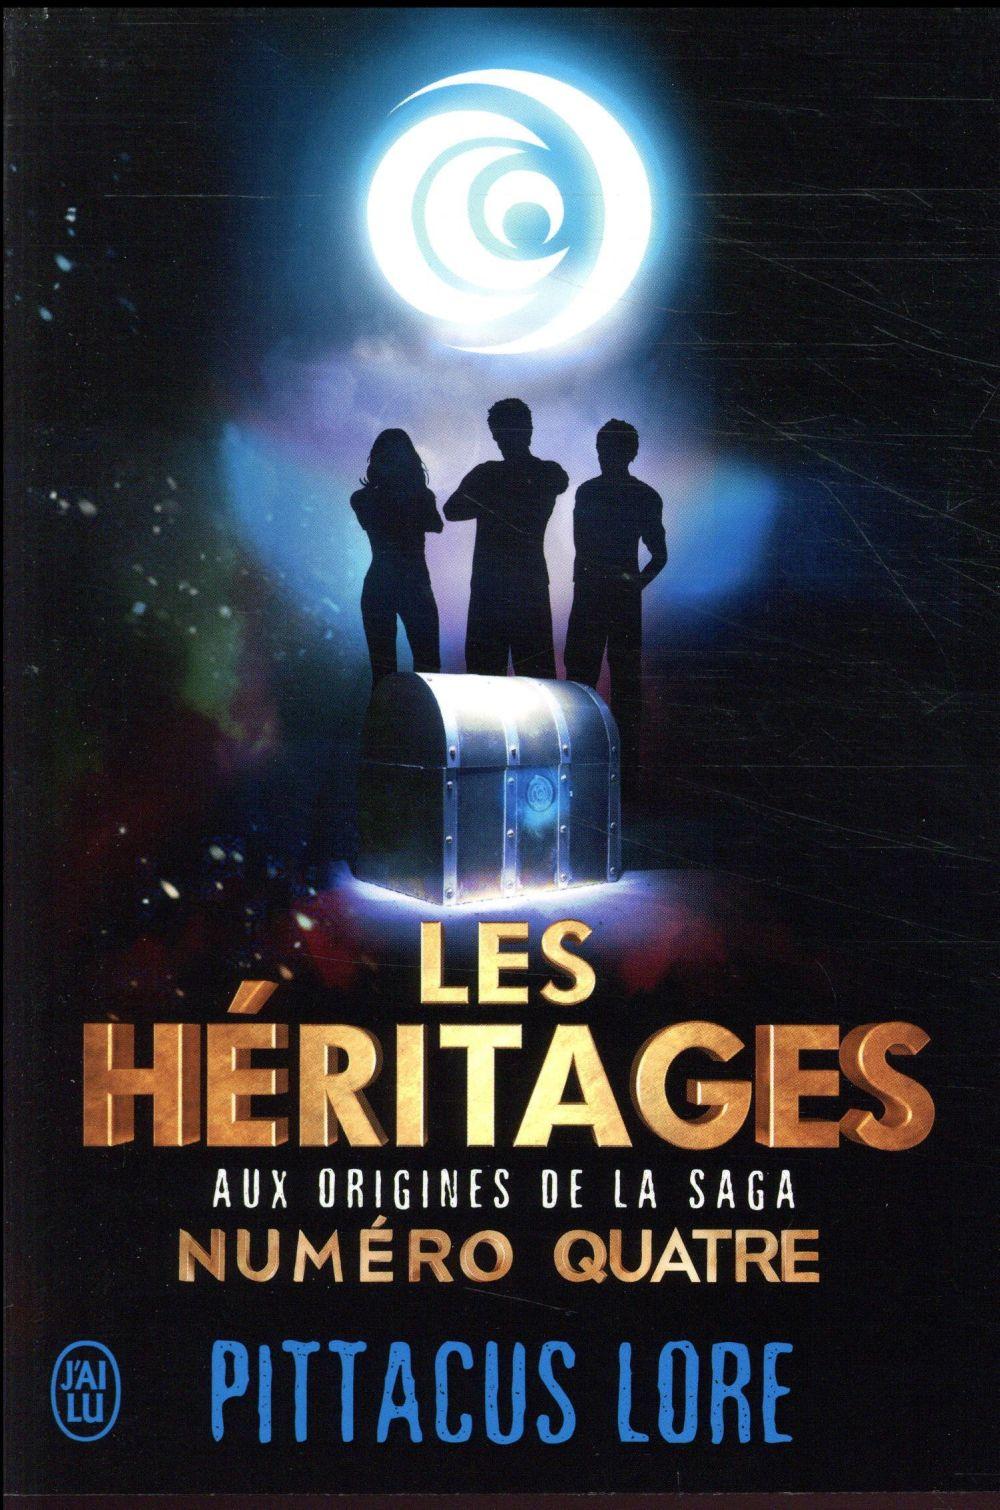 Les héritages aux origines de la saga numéro quatre